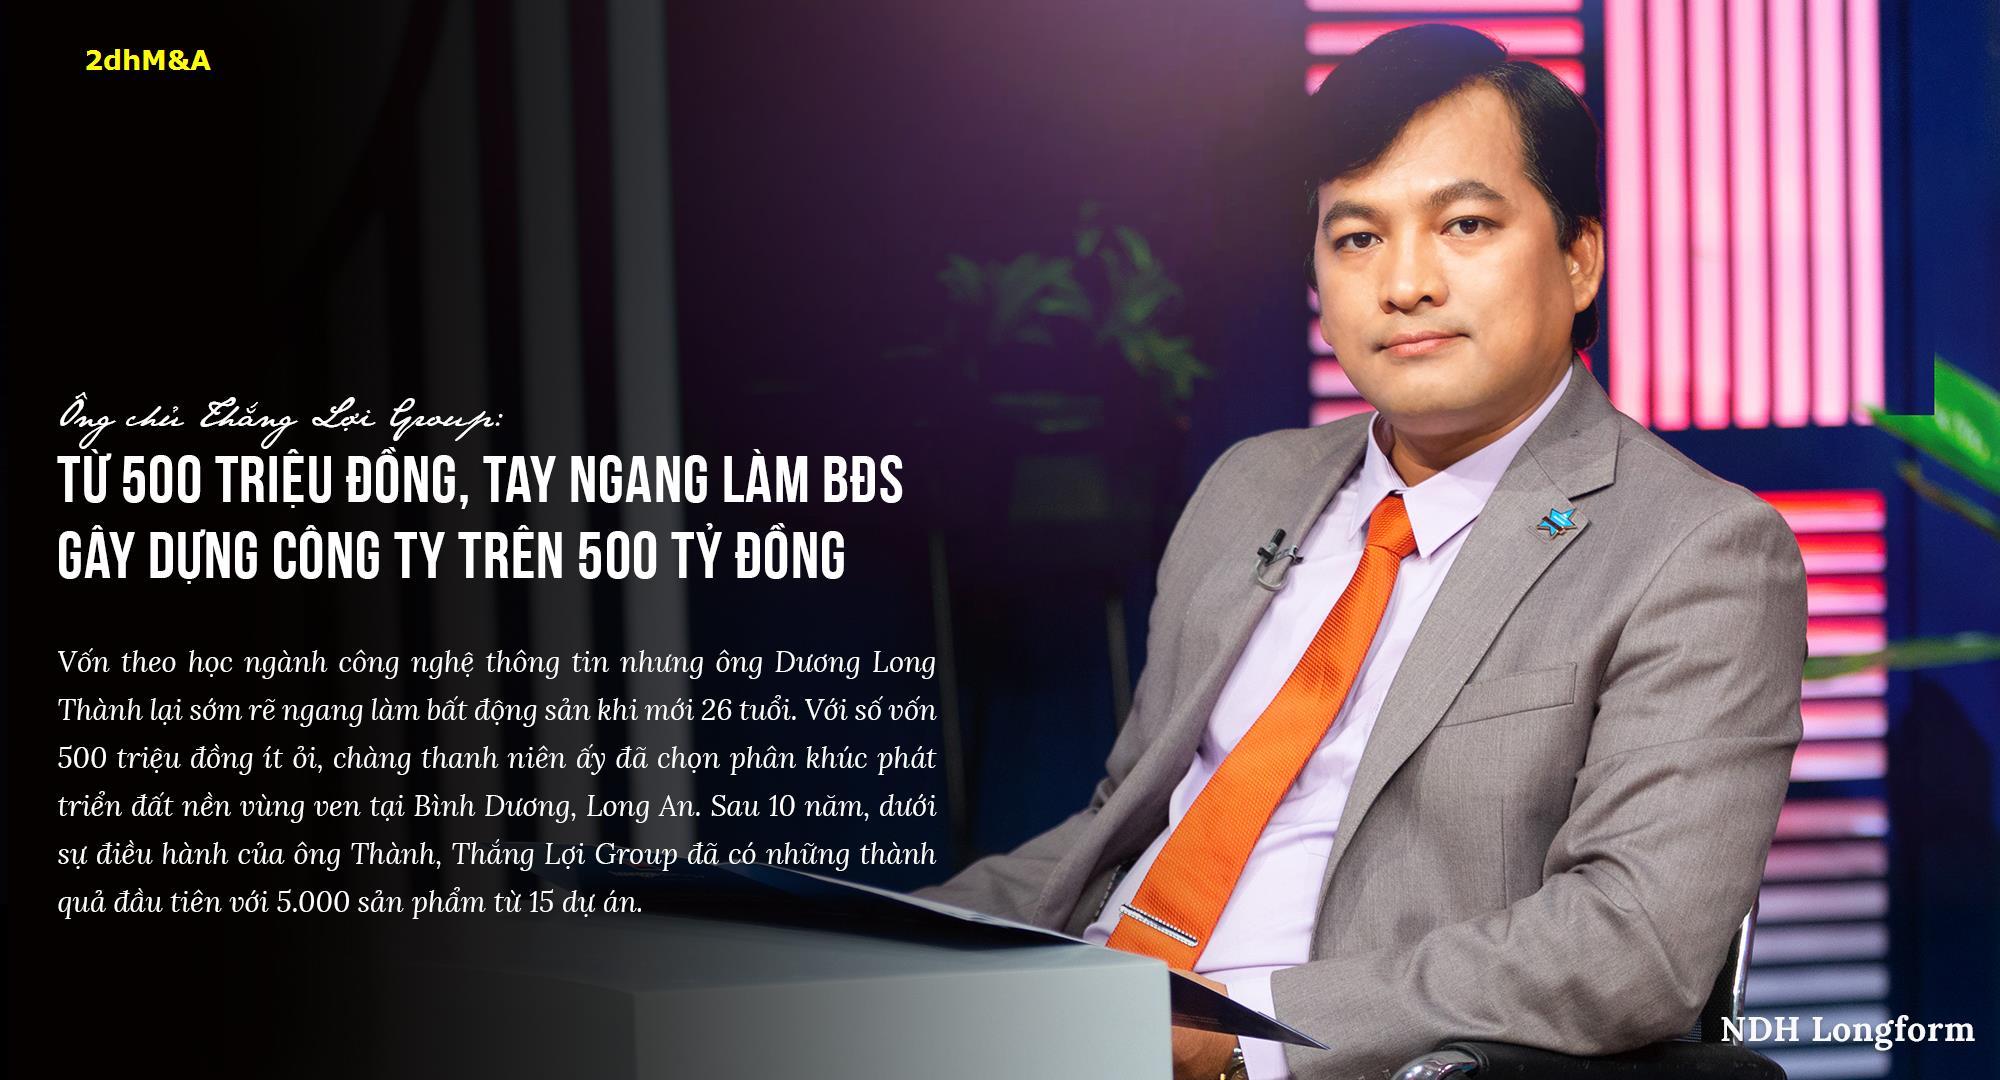 Ông chủ Thắng Lợi Group: Từ 500 triệu đồng tay ngang làm BĐS gây dựng công ty trên 500 tỷ đồng